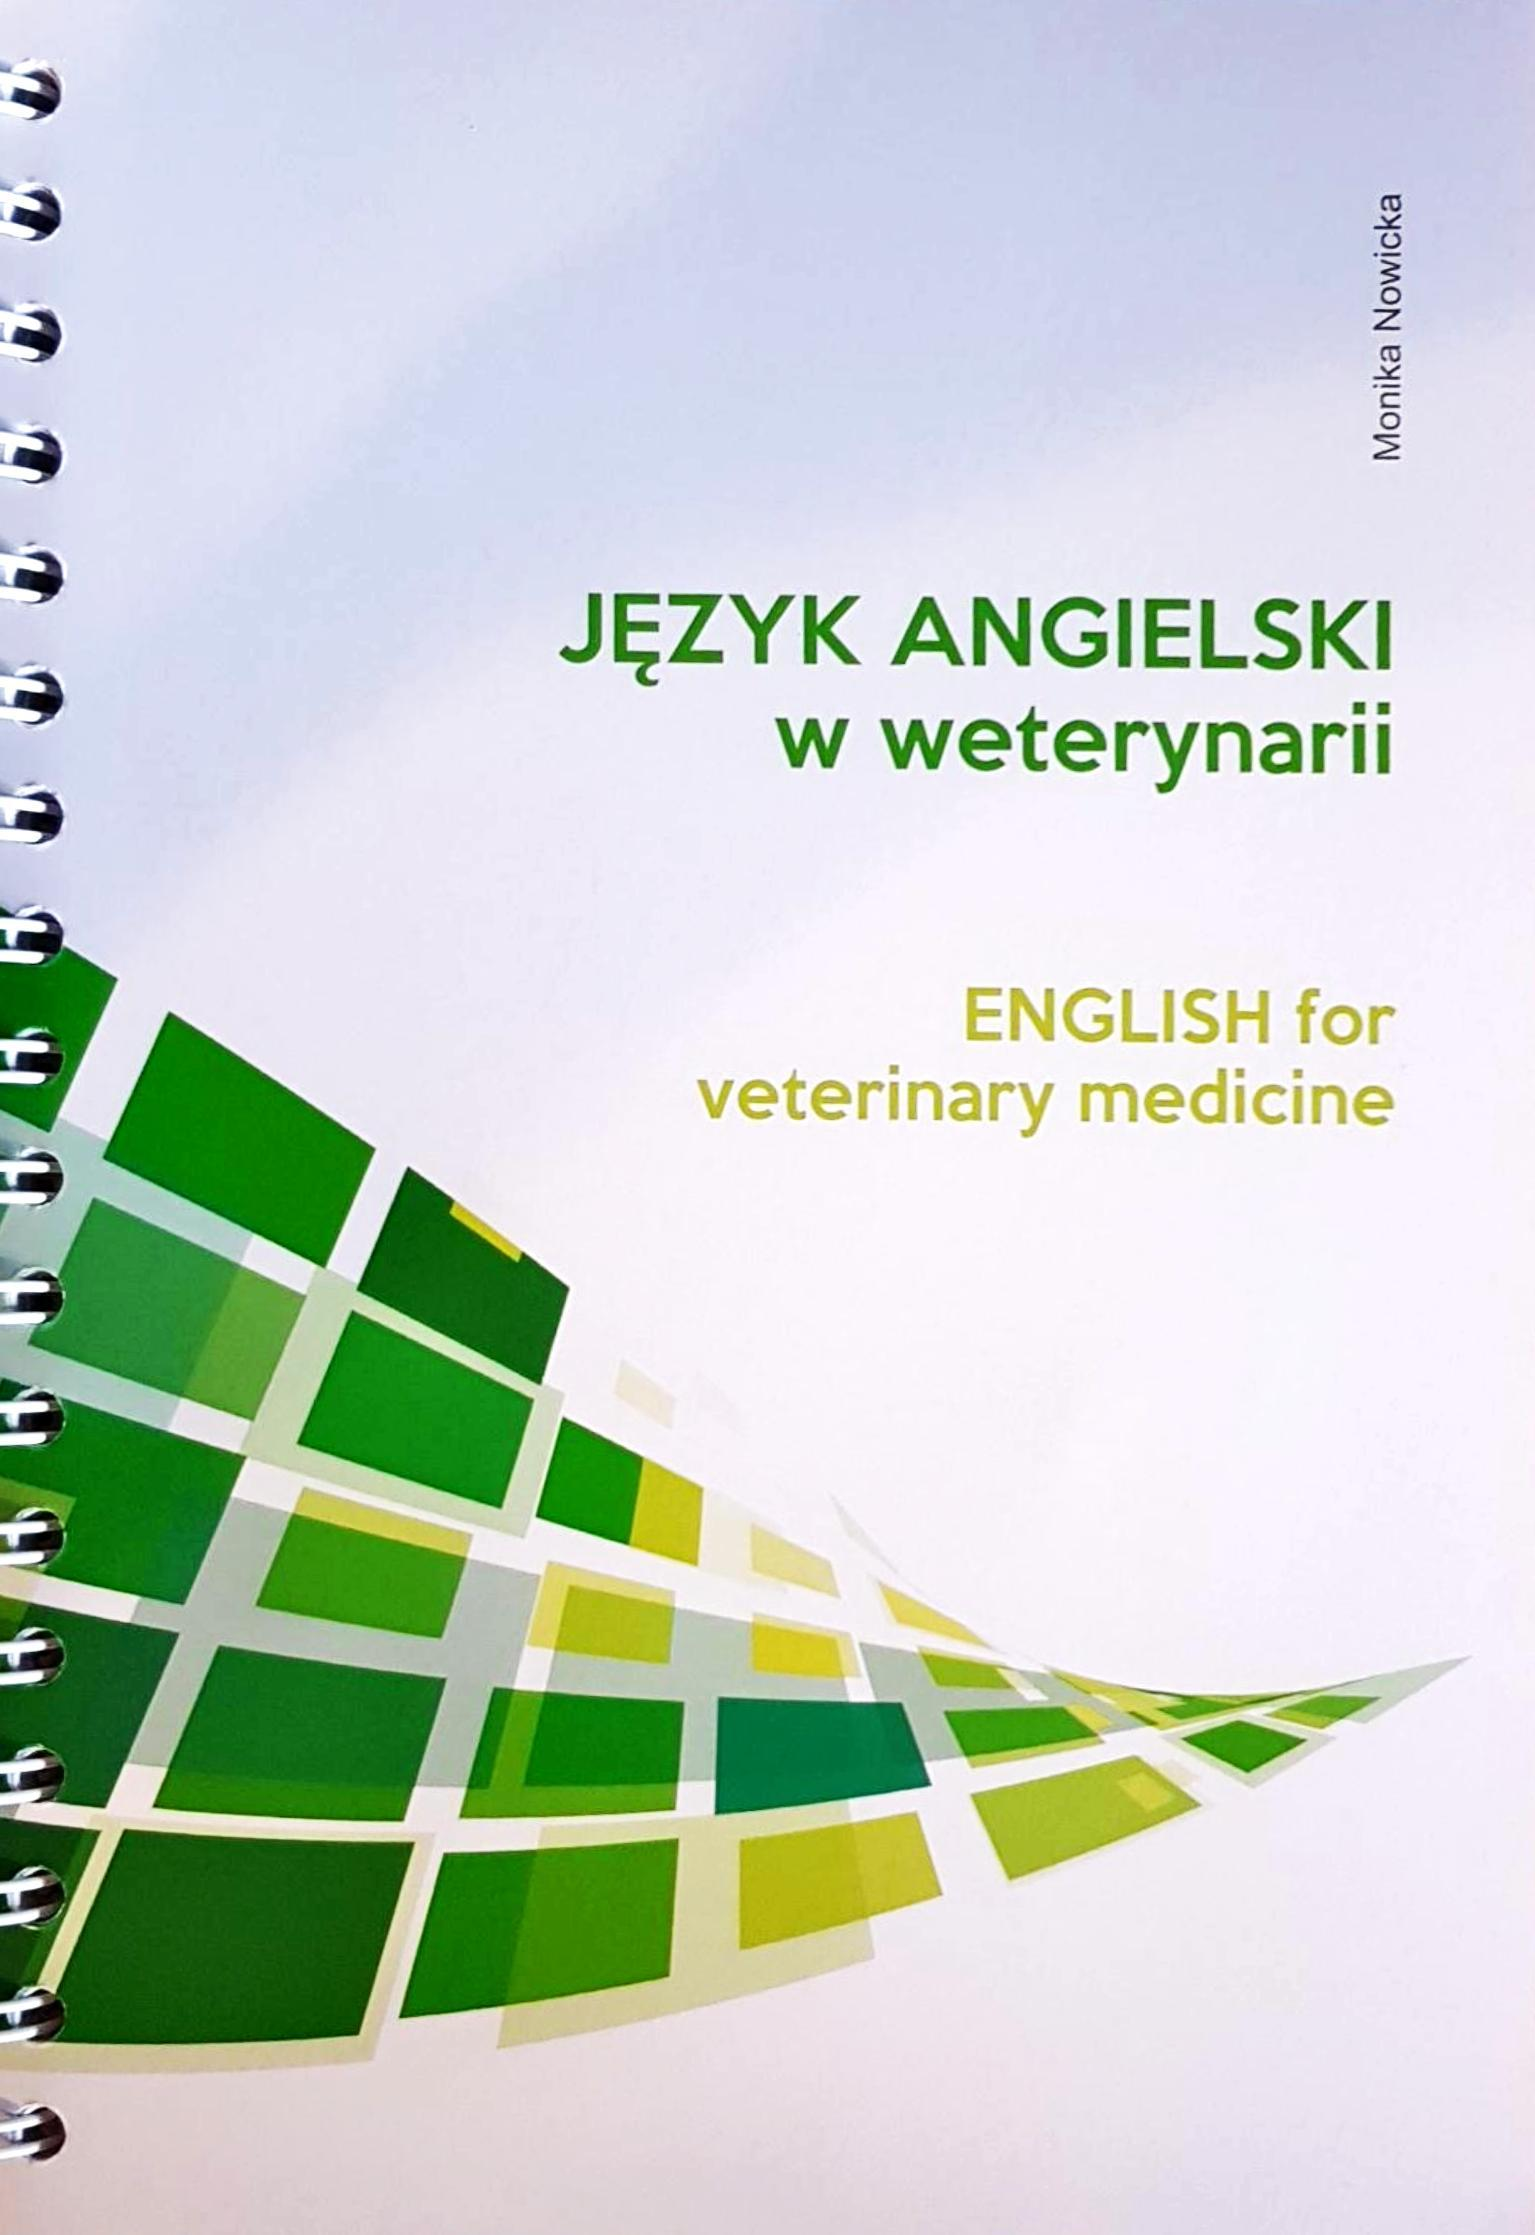 Język angielski w weterynarii